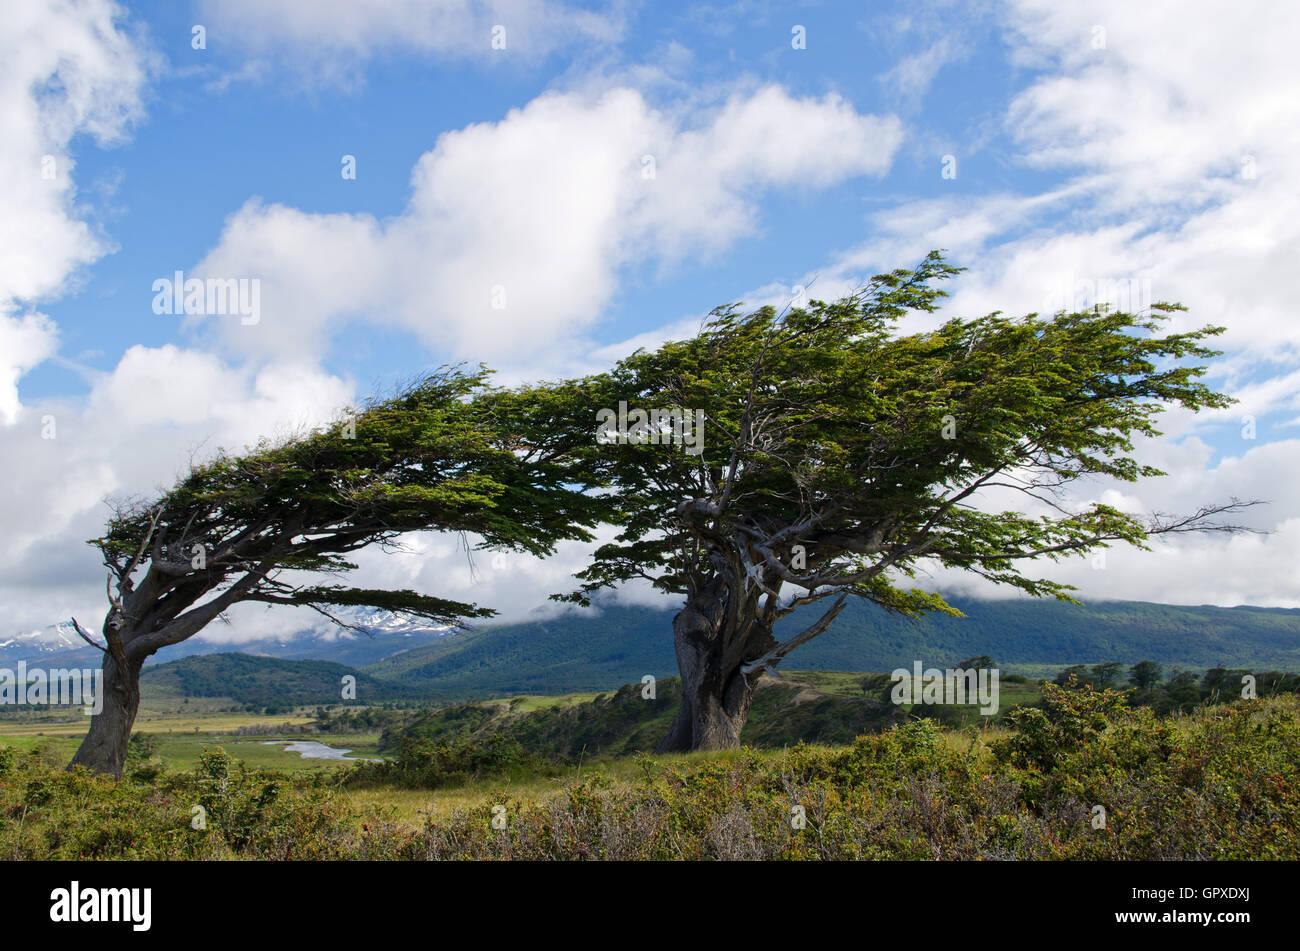 Wind-bent trees in Fireland (Tierra Del Fuego) - Stock Image